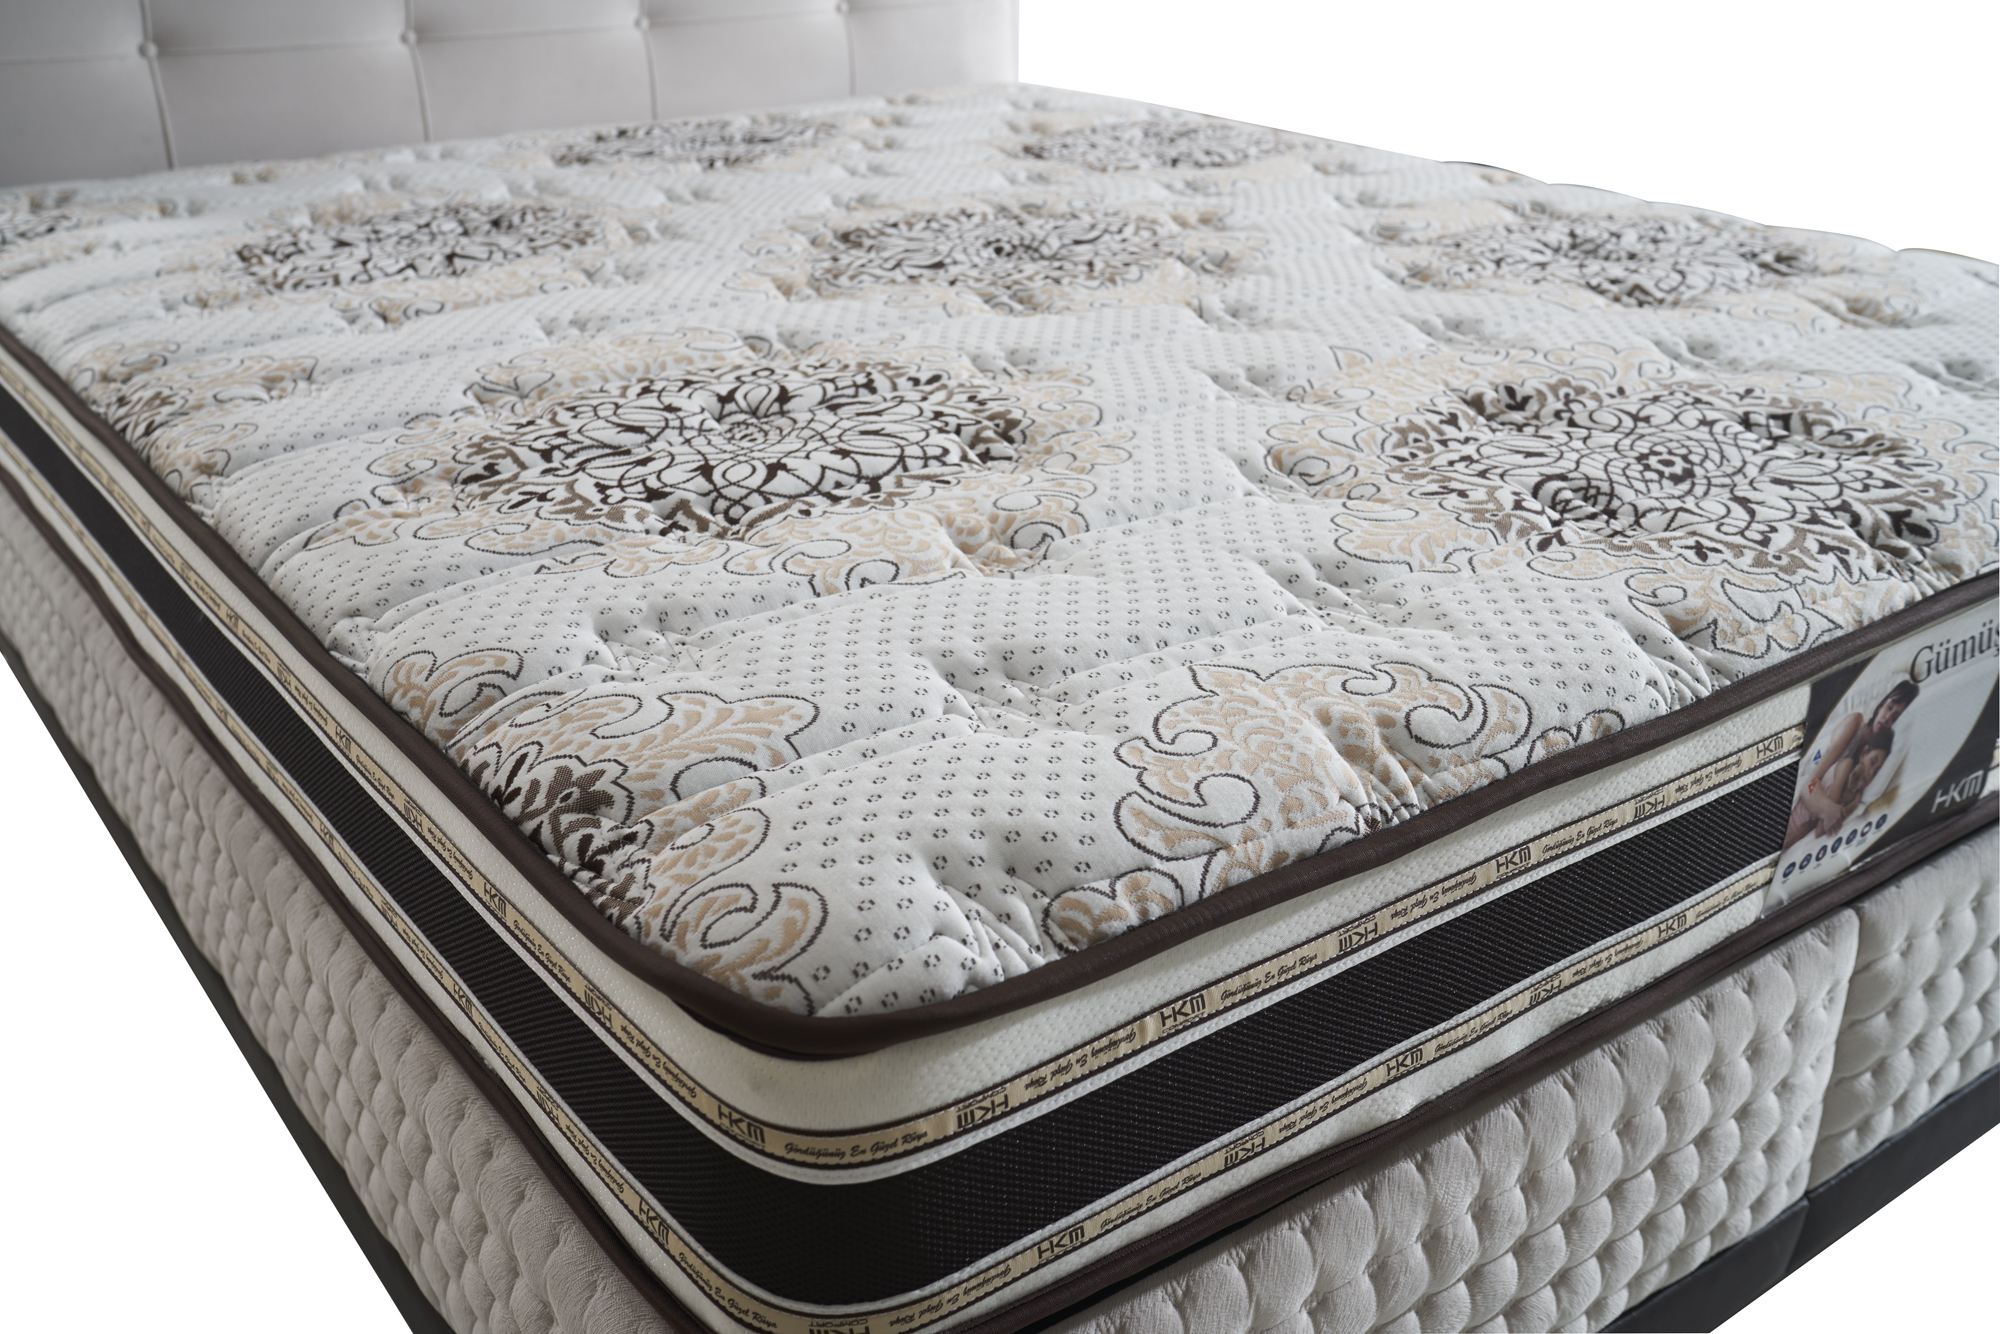 g m s matratze yuvam m belhaus in wuppertal cilek offizieller h ndler in europa. Black Bedroom Furniture Sets. Home Design Ideas